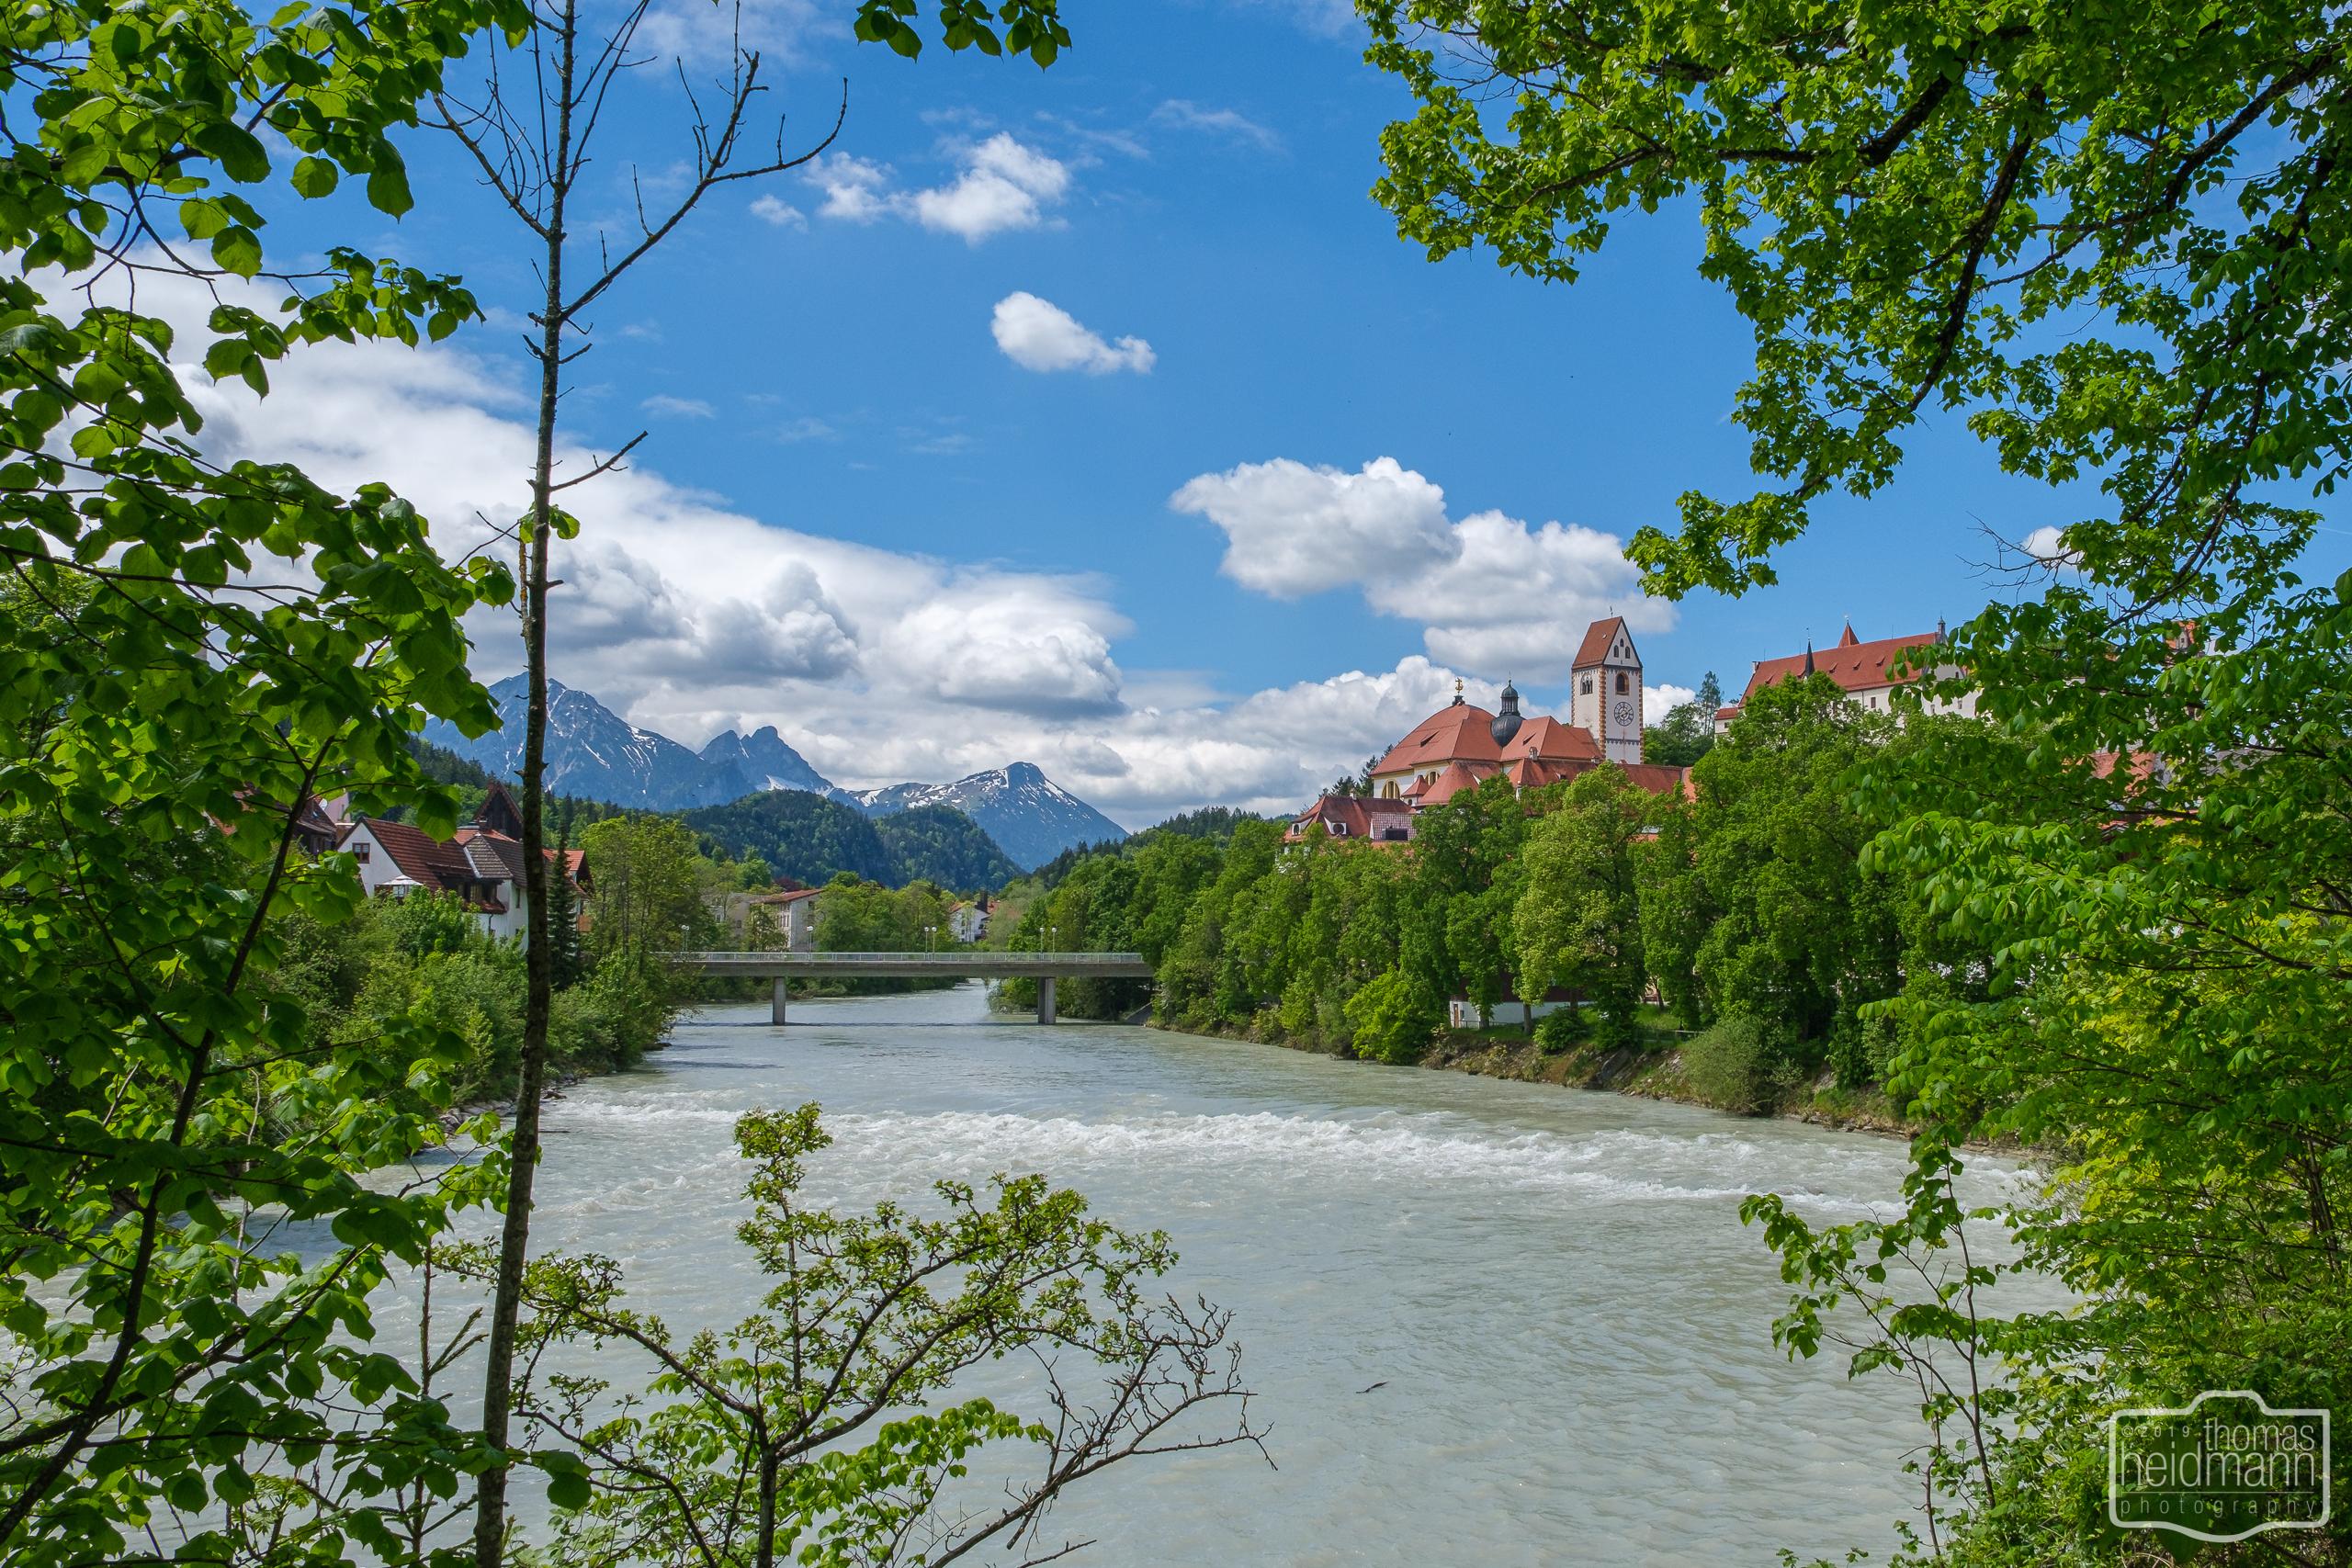 Radtour durchs Allgäu nach Füssen - Füssen